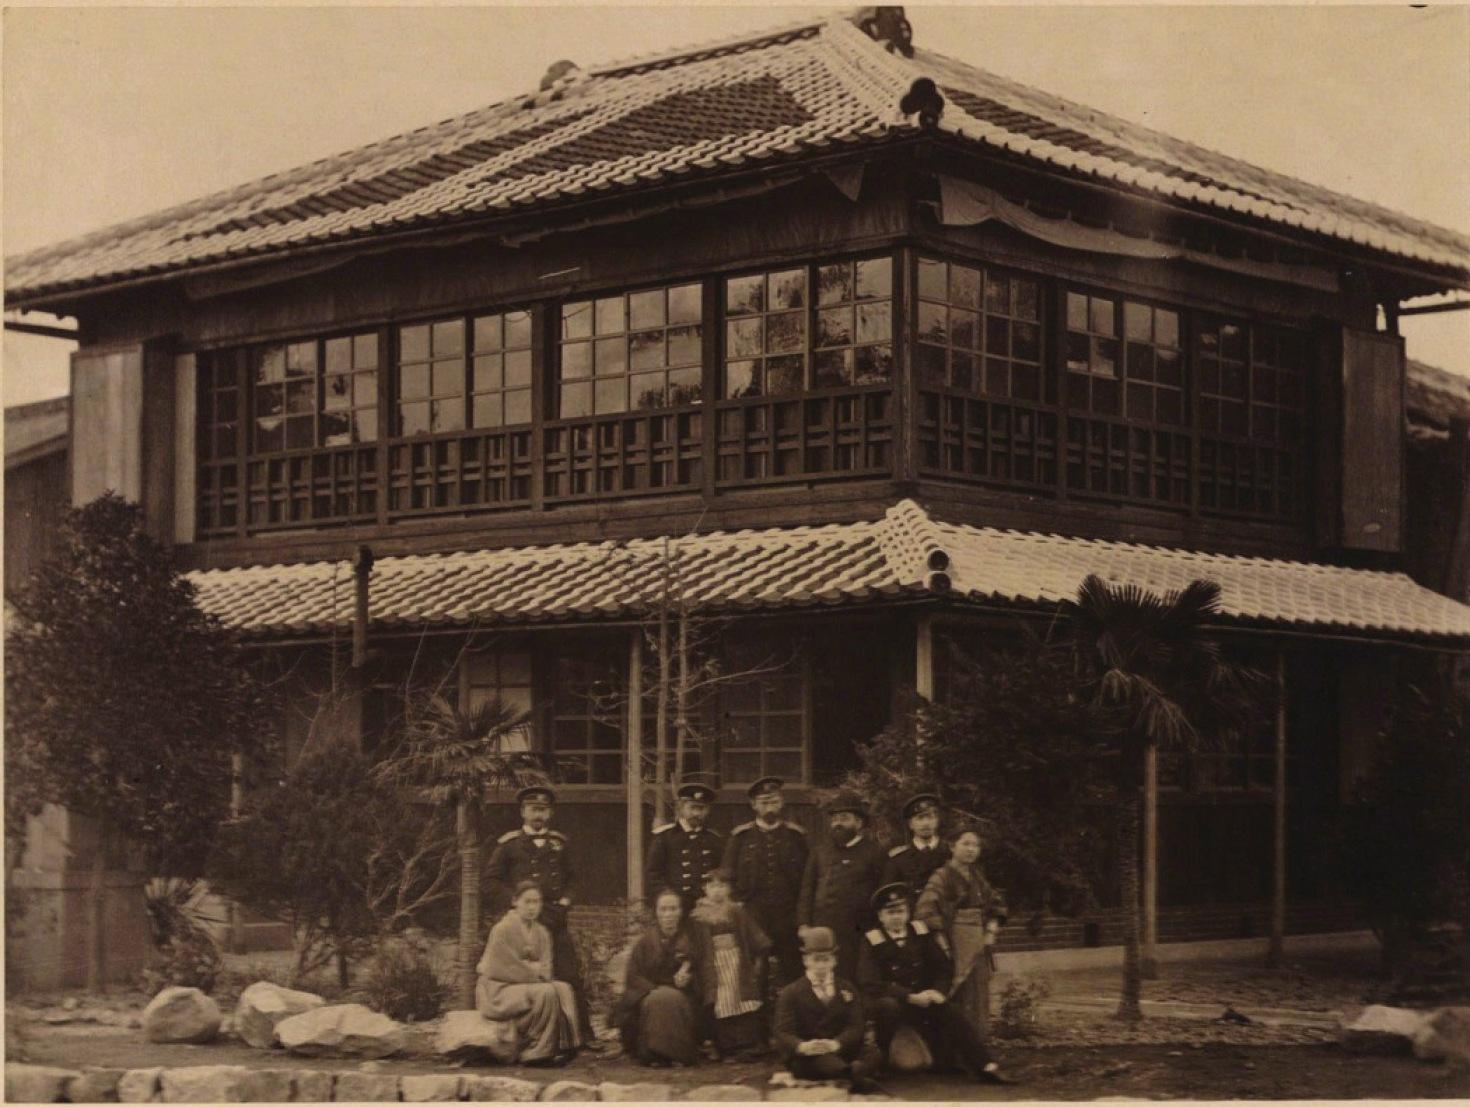 03. 1891. Нагасаки. Чайный дом Амати-сан, где Цесаревич провел целый вечер играя на бильярде